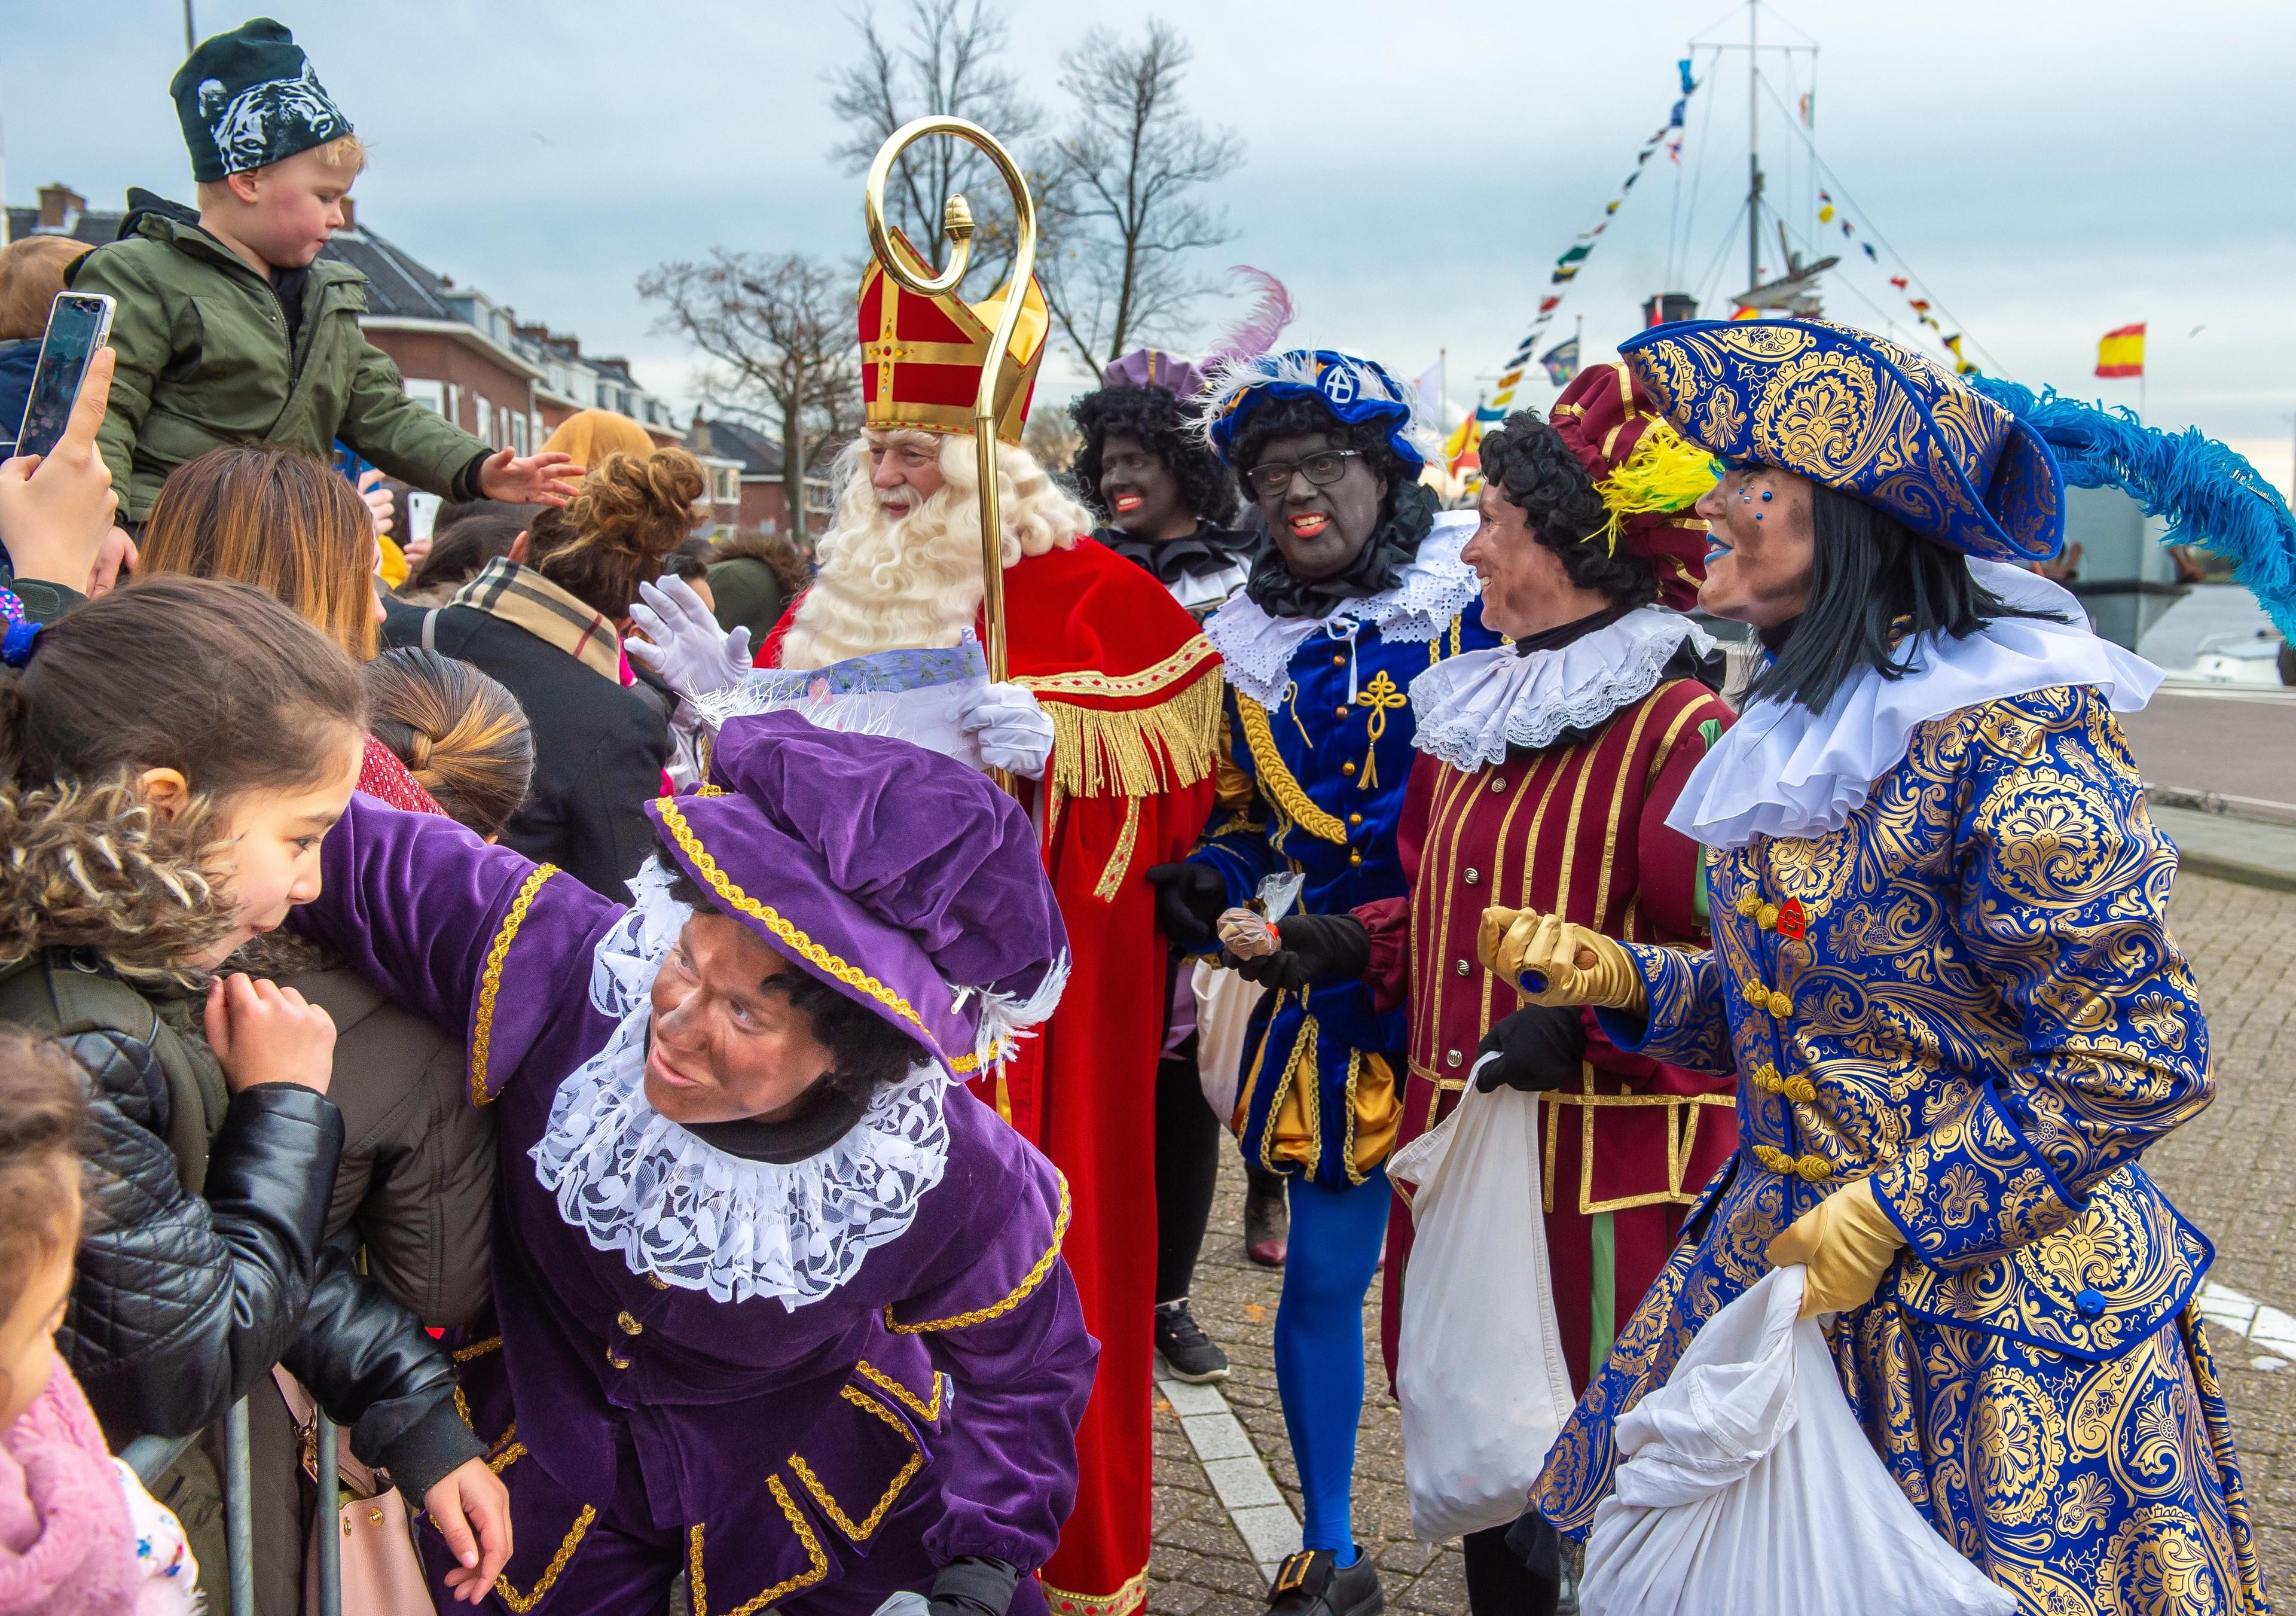 Rustige intocht van Sint in Zaandam, voor het eerst met roetveegpieten - Noordhollands Dagblad